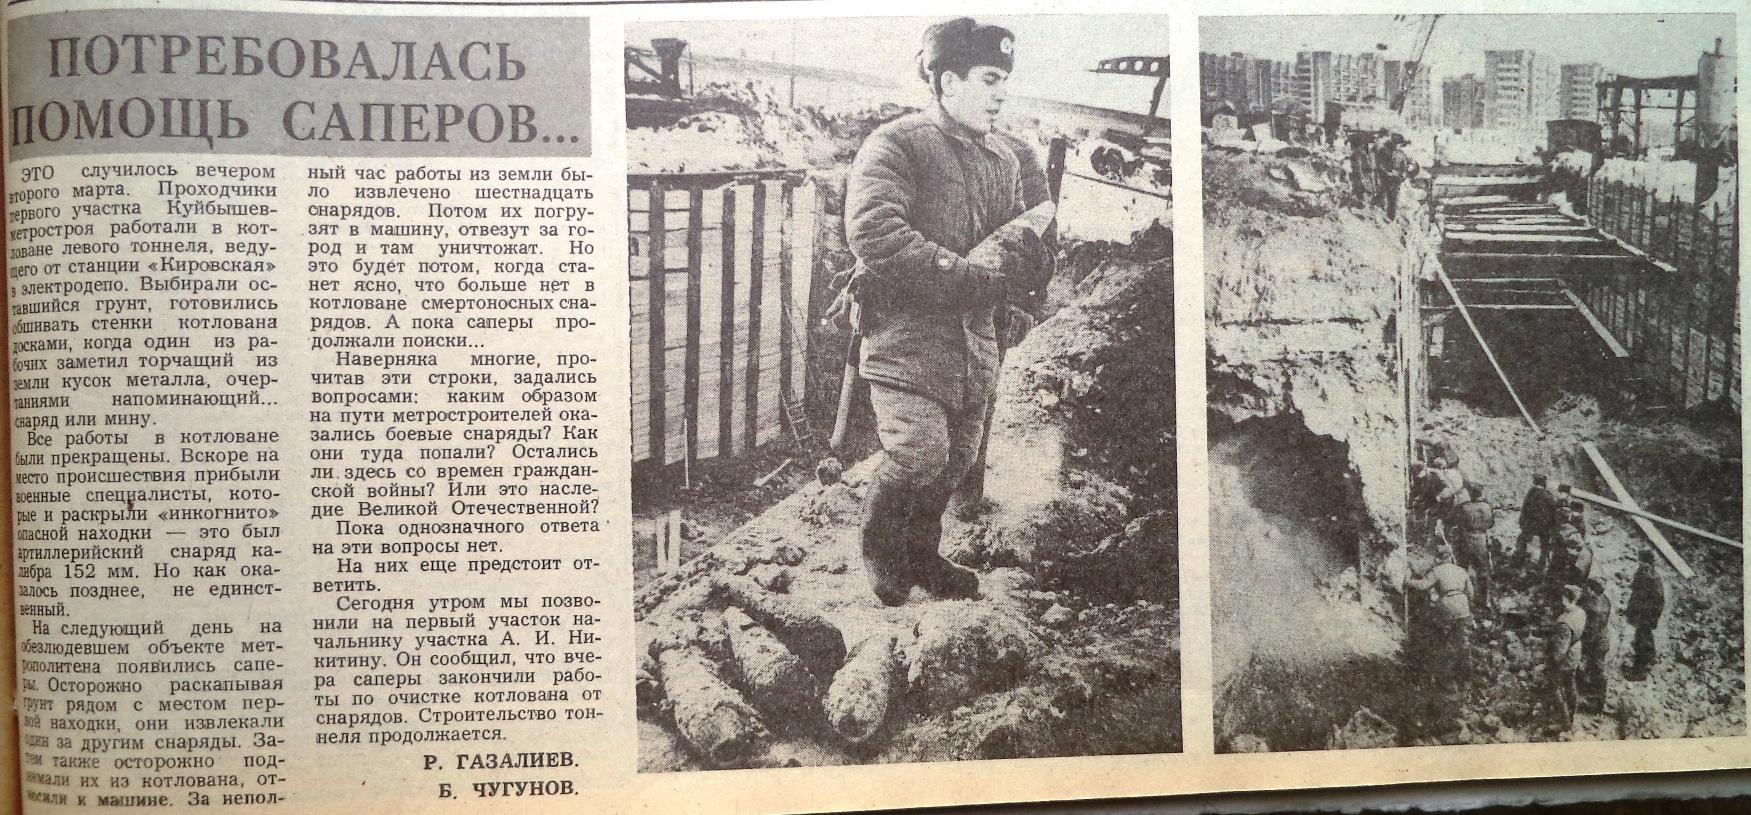 Кирова-ФОТО-96-ВЗя-1987-03-04-сапёры на Метро